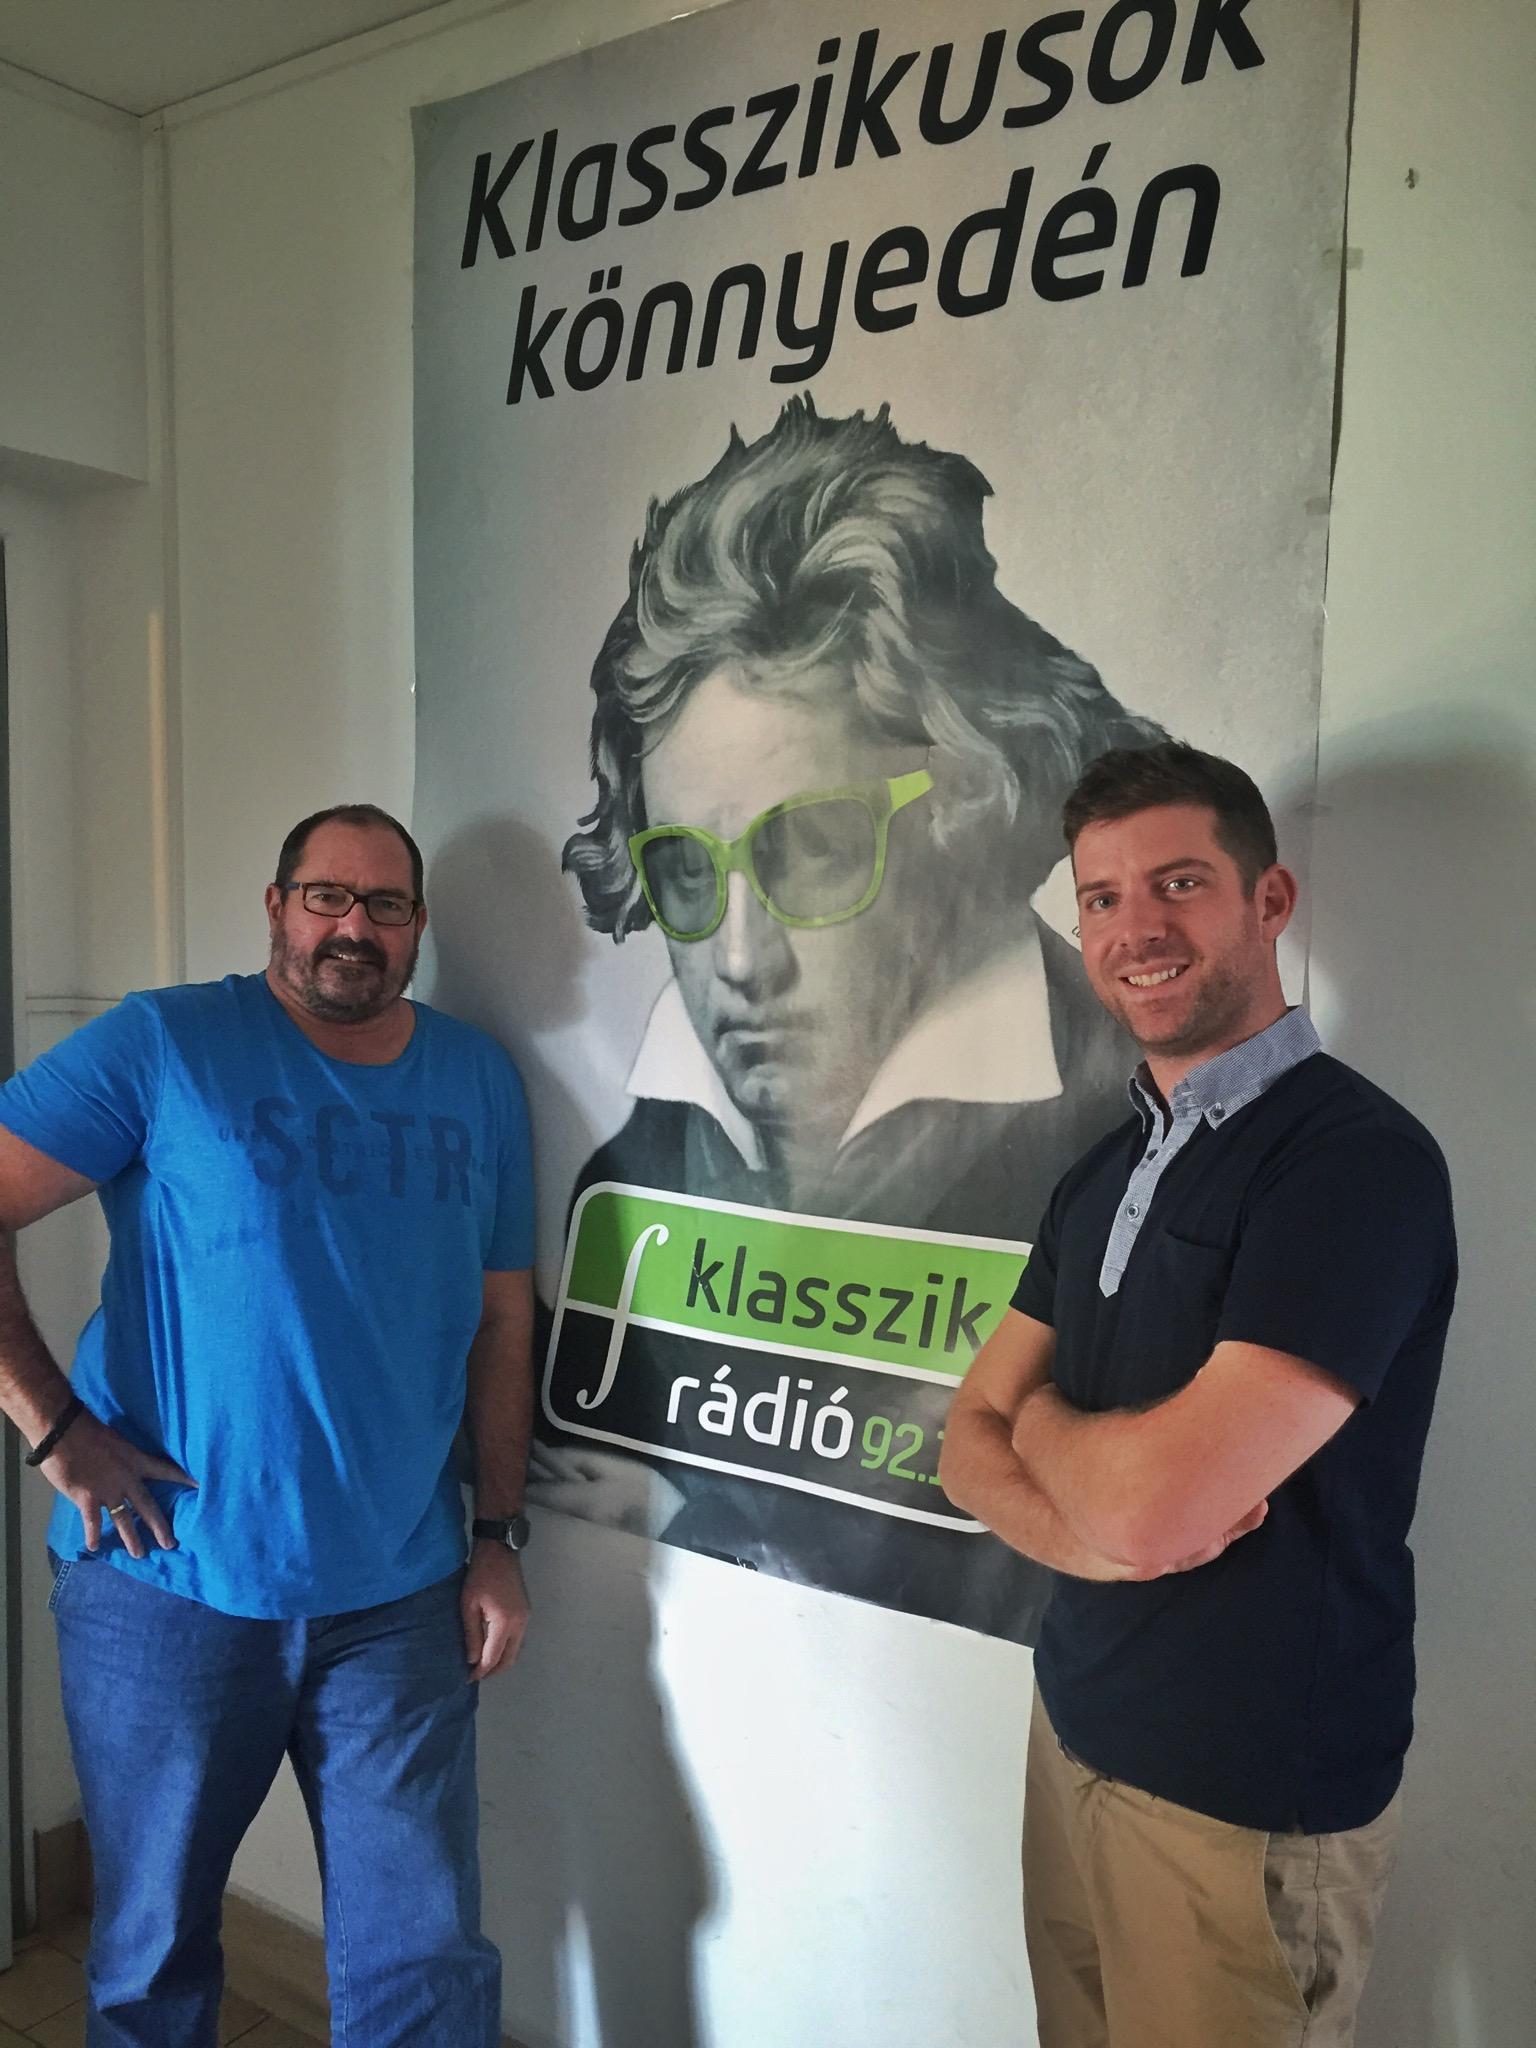 Klasszikusok könnyedén - Klasszik rádió interjú